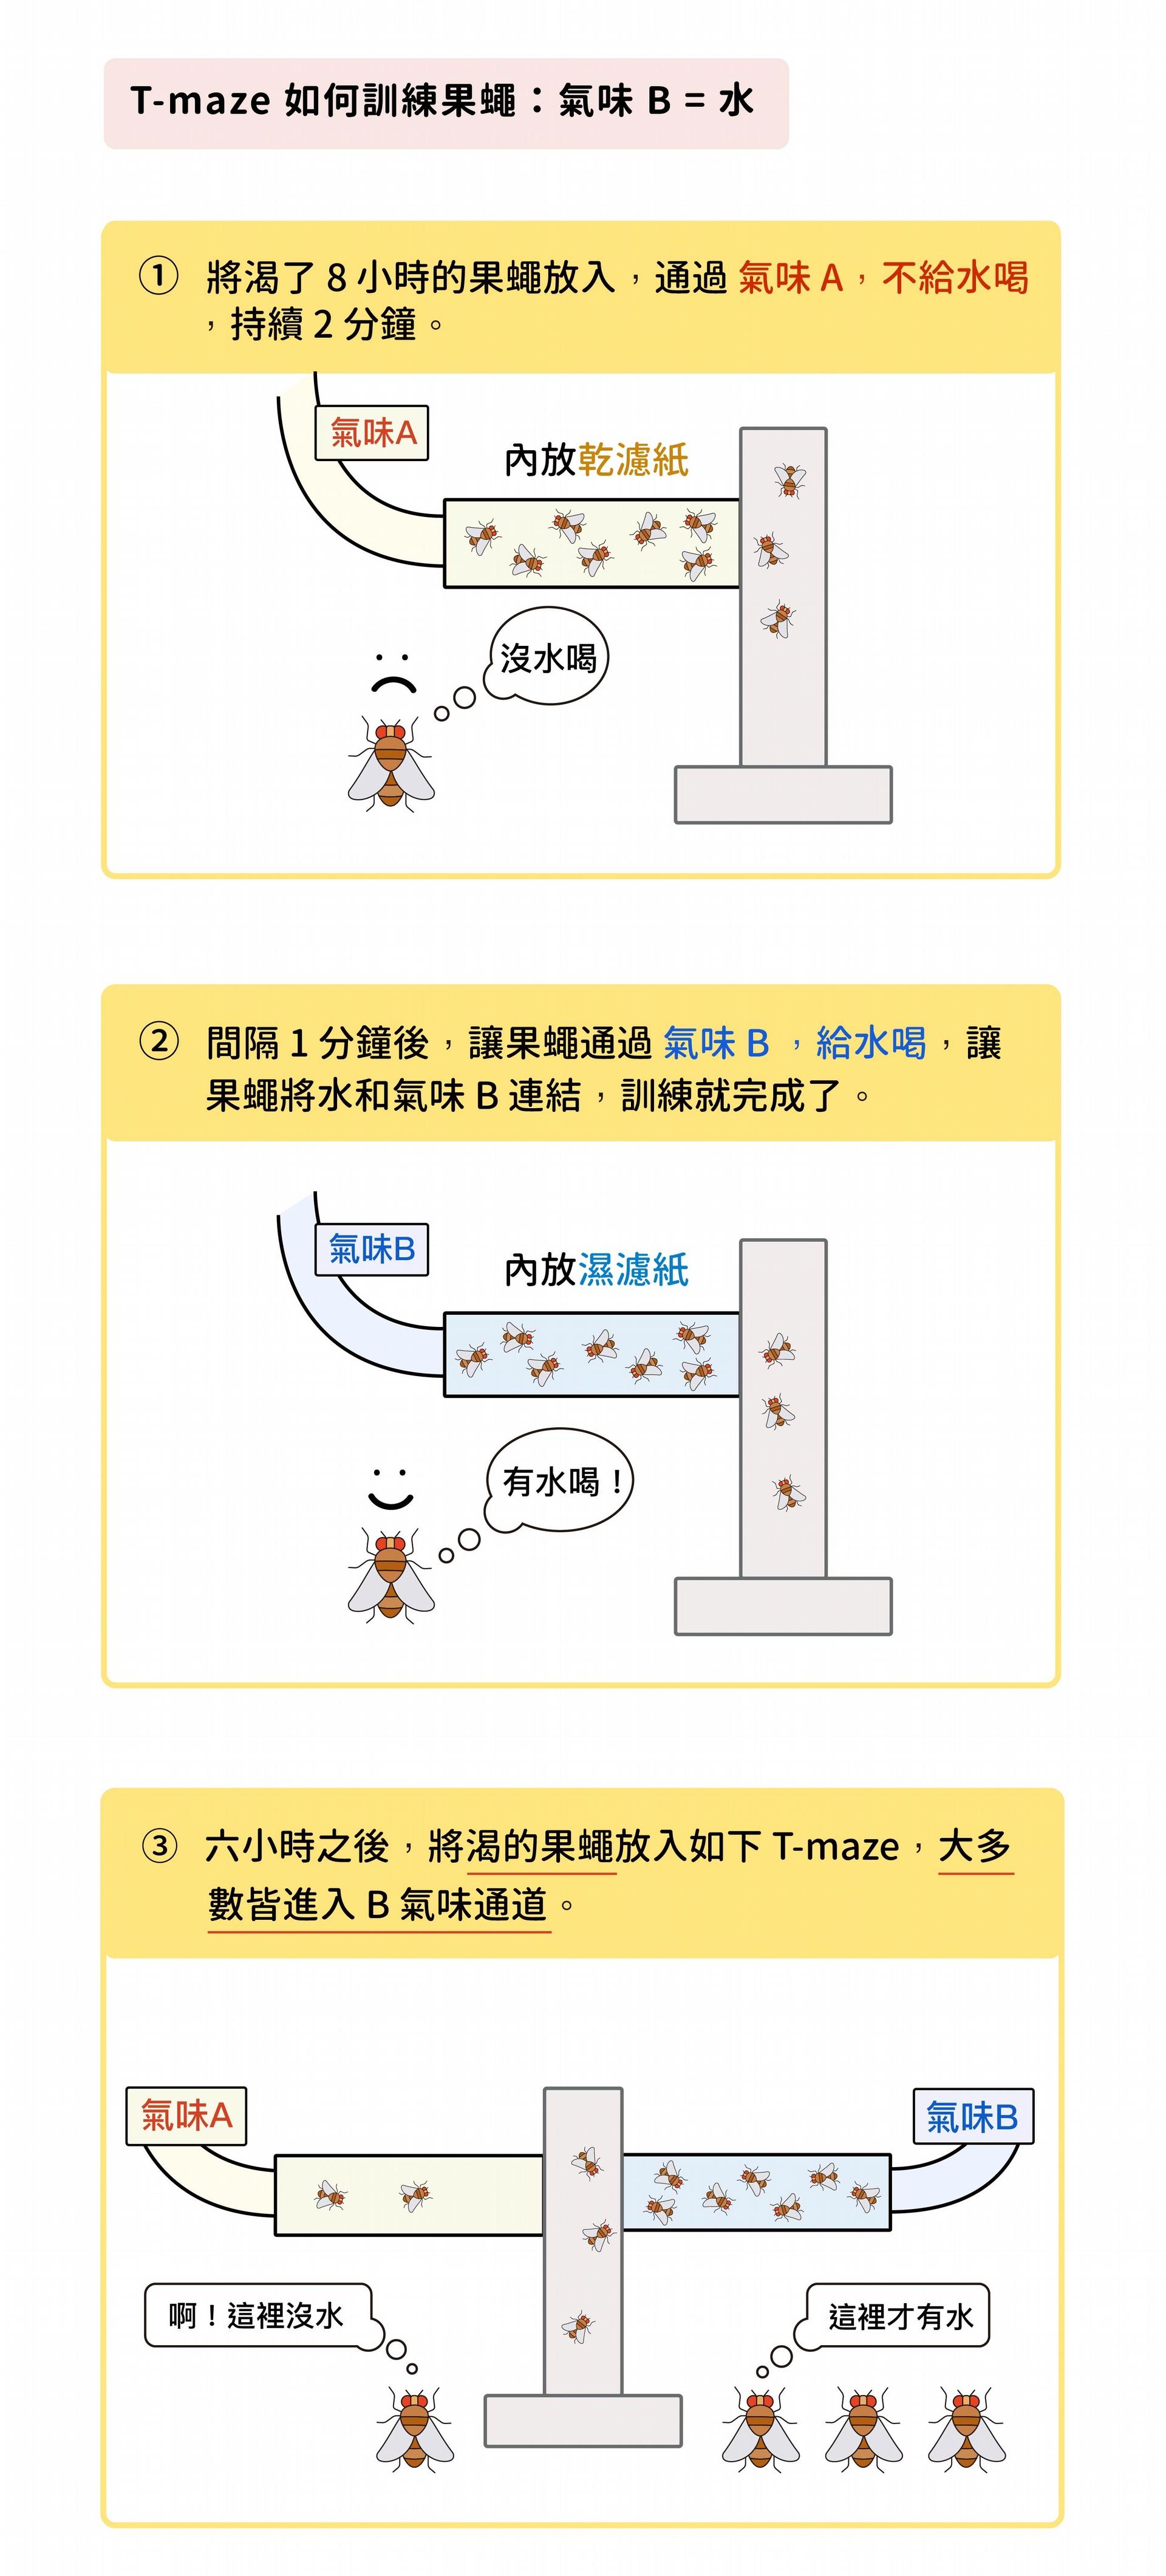 研究員運用一種 T 字狀迷宮「T-maze」,先讓果蠅渴 8 個小時,然後進入 T-maze ,通入氣味 A、不給水 (放置乾燥的濾紙),持續 2 分鐘。間隔 1 分鐘後,再通入氣味 B 、給水喝 (放置潮濕的濾紙),持續 2 分鐘,訓練果蠅將氣味 B 與水連結起來,訓練就完成了。訓練完成 6 小時之後,將渴的果蠅放入 T-maze,大多數乖乖進入 B 氣味通道。 資料來源│林書葦 圖說設計│黃曉君、林洵安